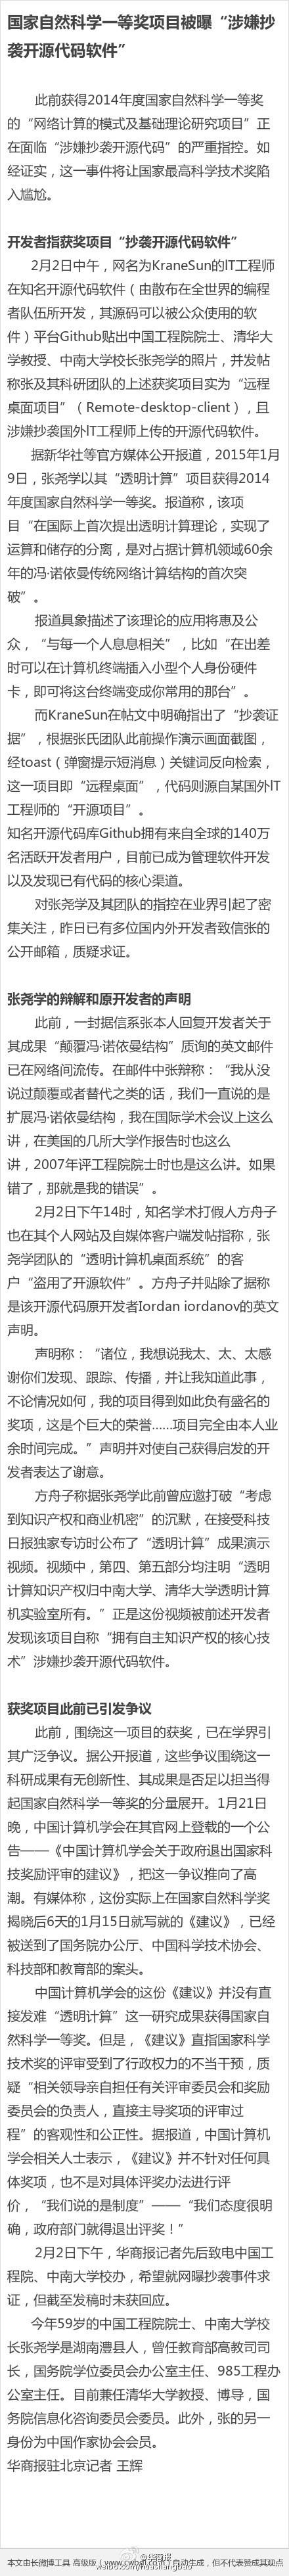 2 工程院院士张尧学被曝涉嫌抄袭开源软件